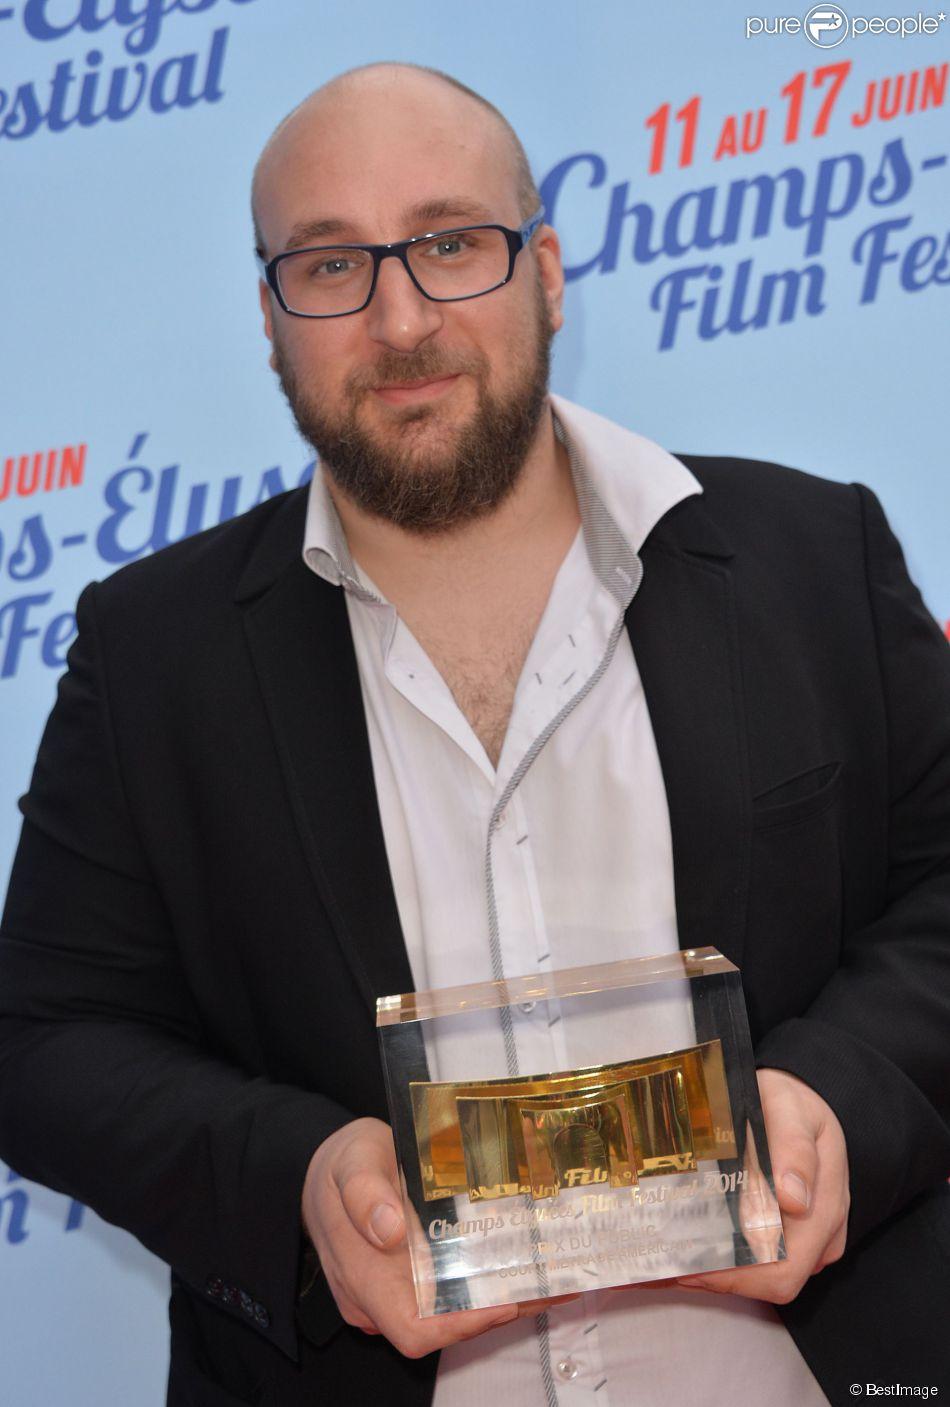 Exclusif - Golan Ramras (le Prix du Public du court-métrage américain) lors de la cérémonie de clôture du 3e Champs-Elysées Film Festival au Publicis à Paris, le 17 juin 2014.